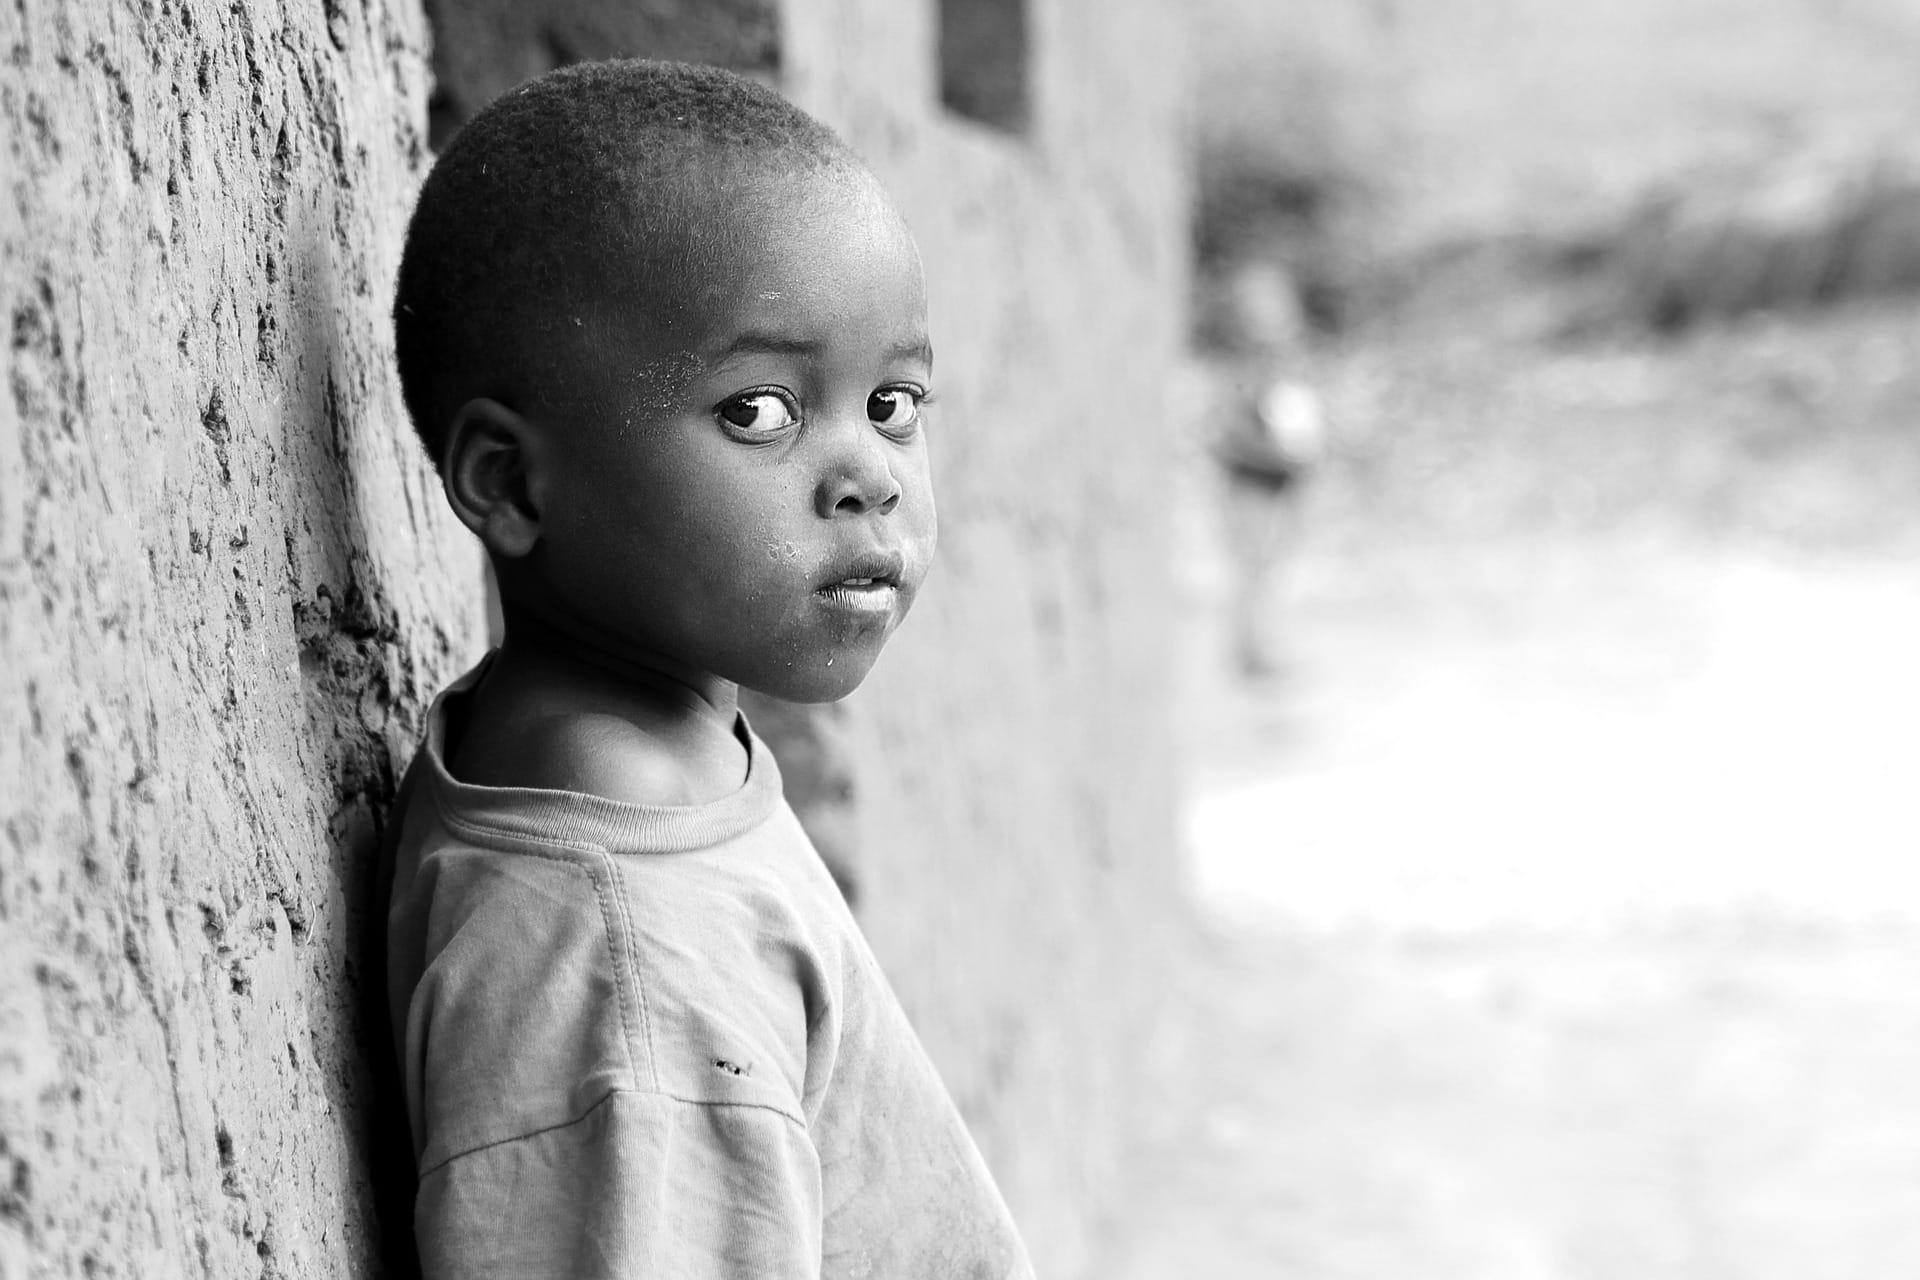 Otrok v Ugandi. Vir: Pixabay